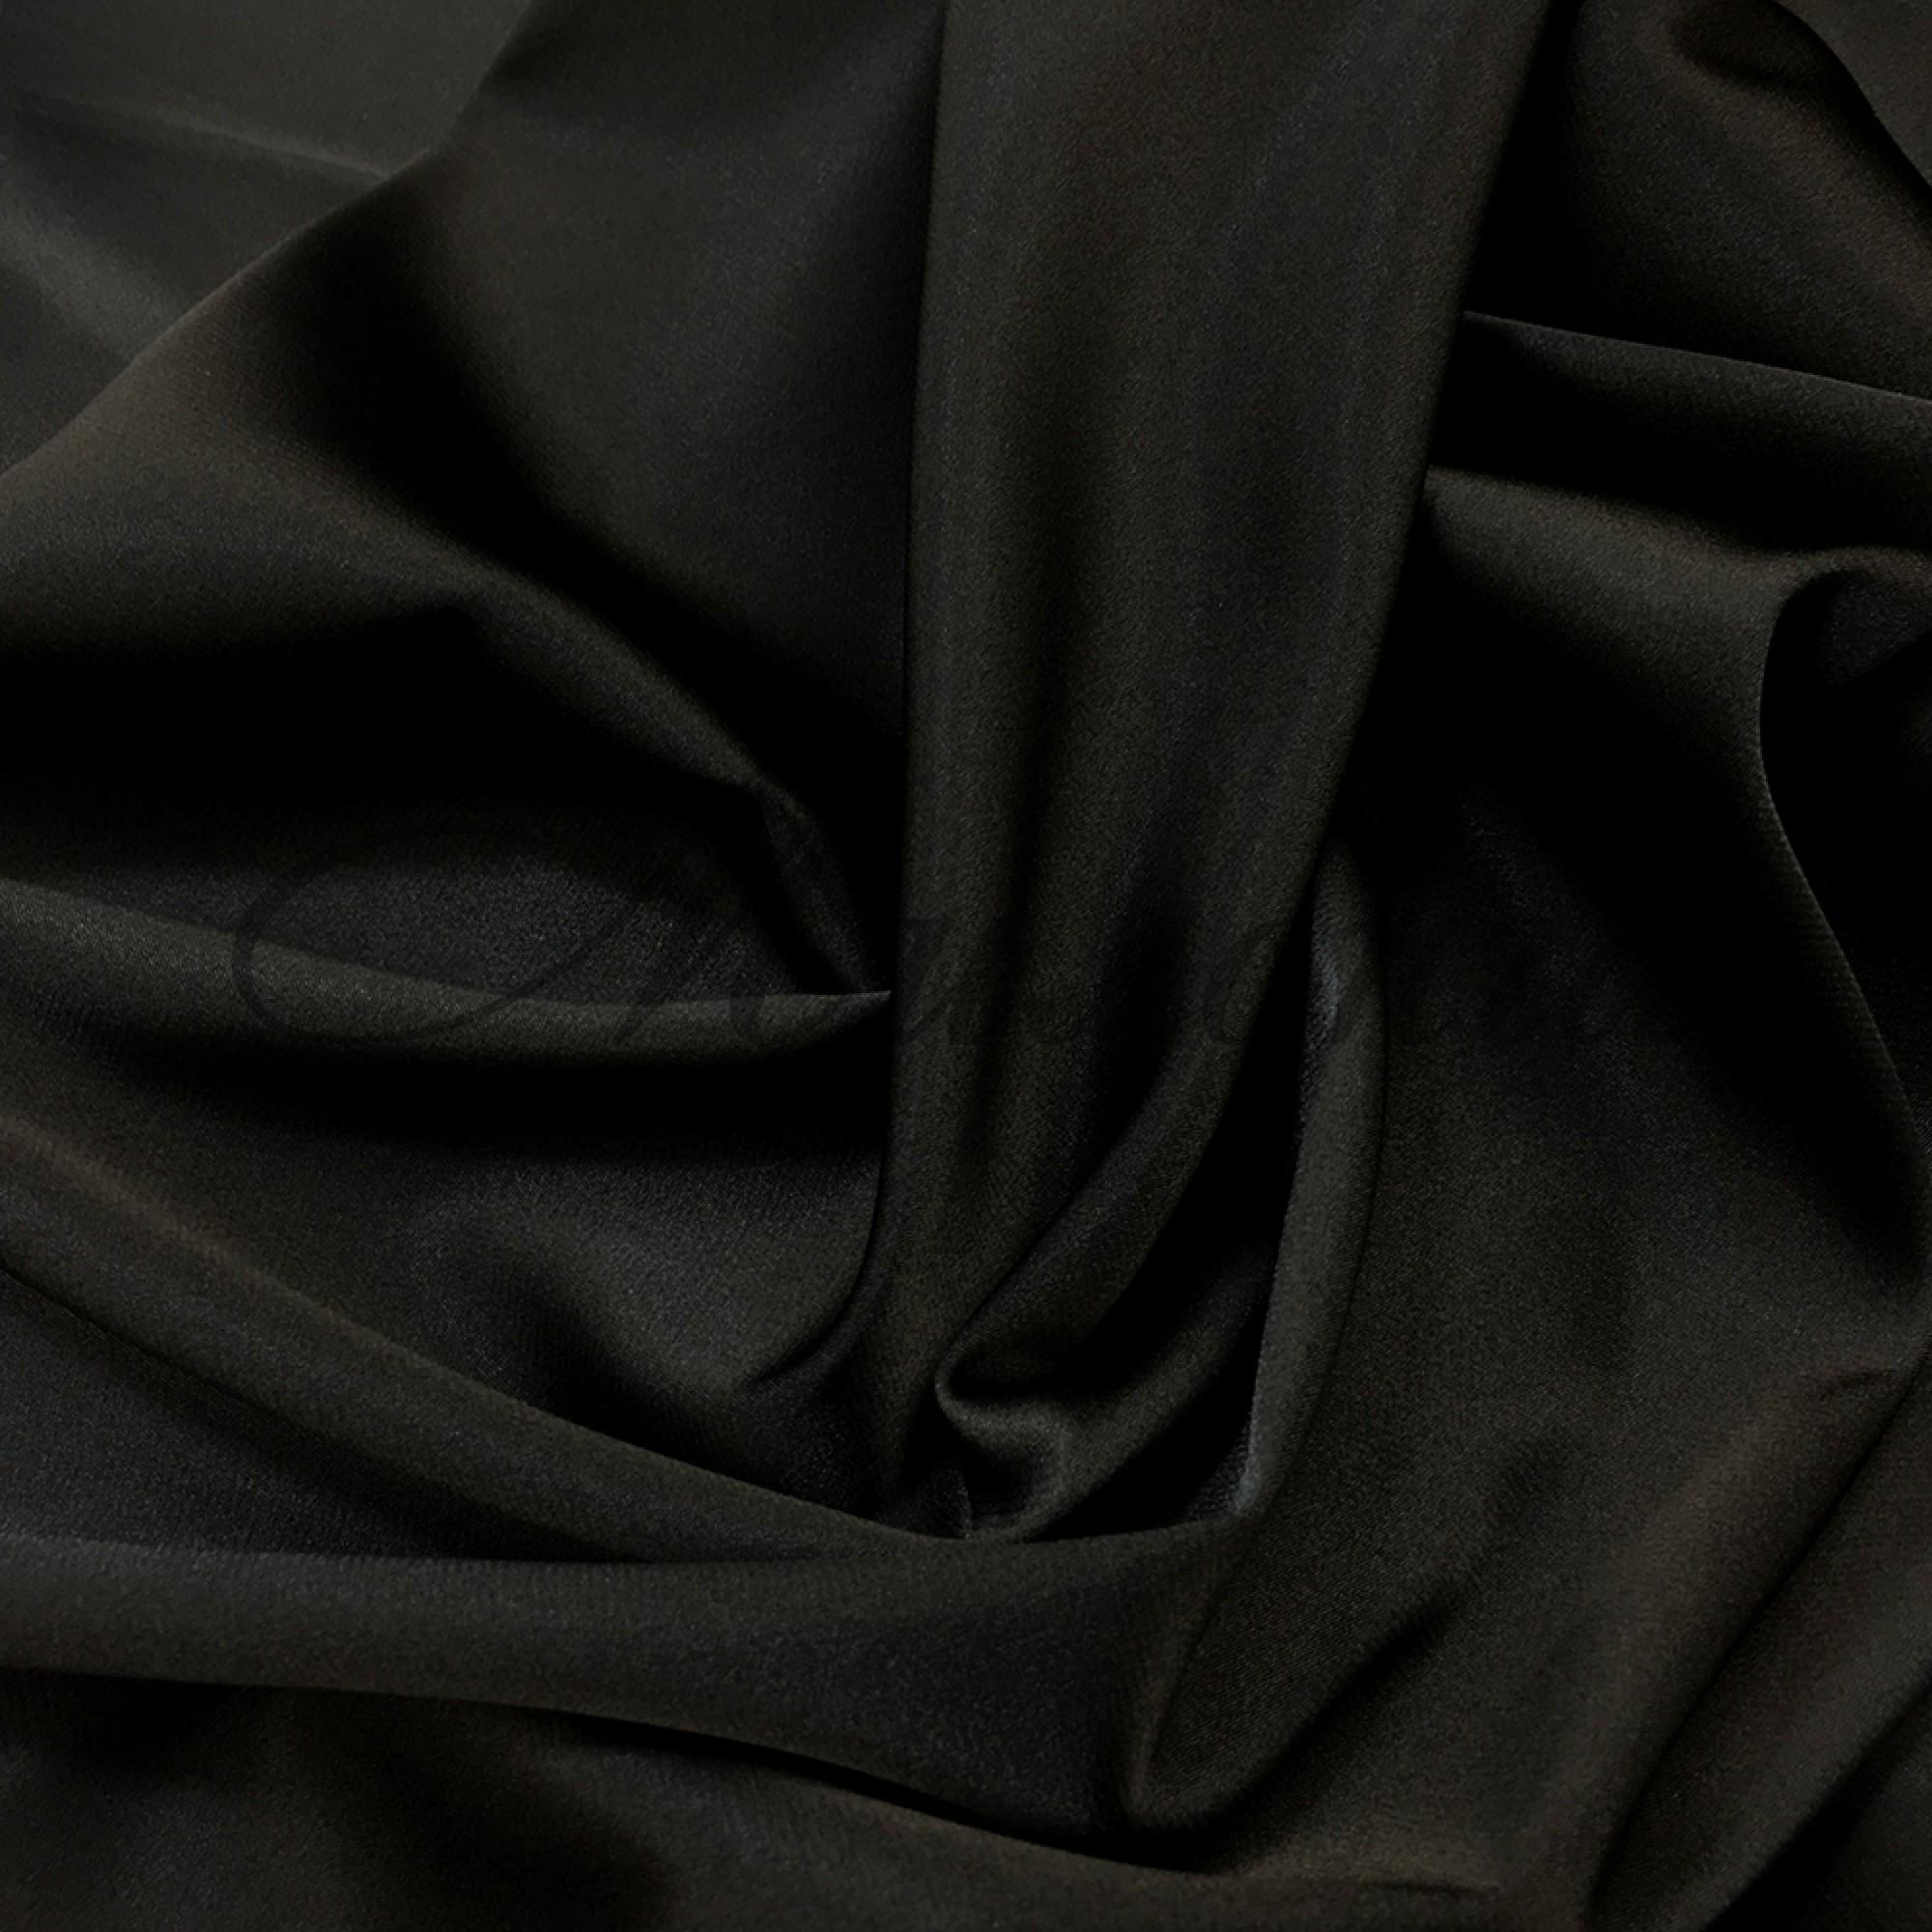 Стрейч сатин (Атлас) DSI Black